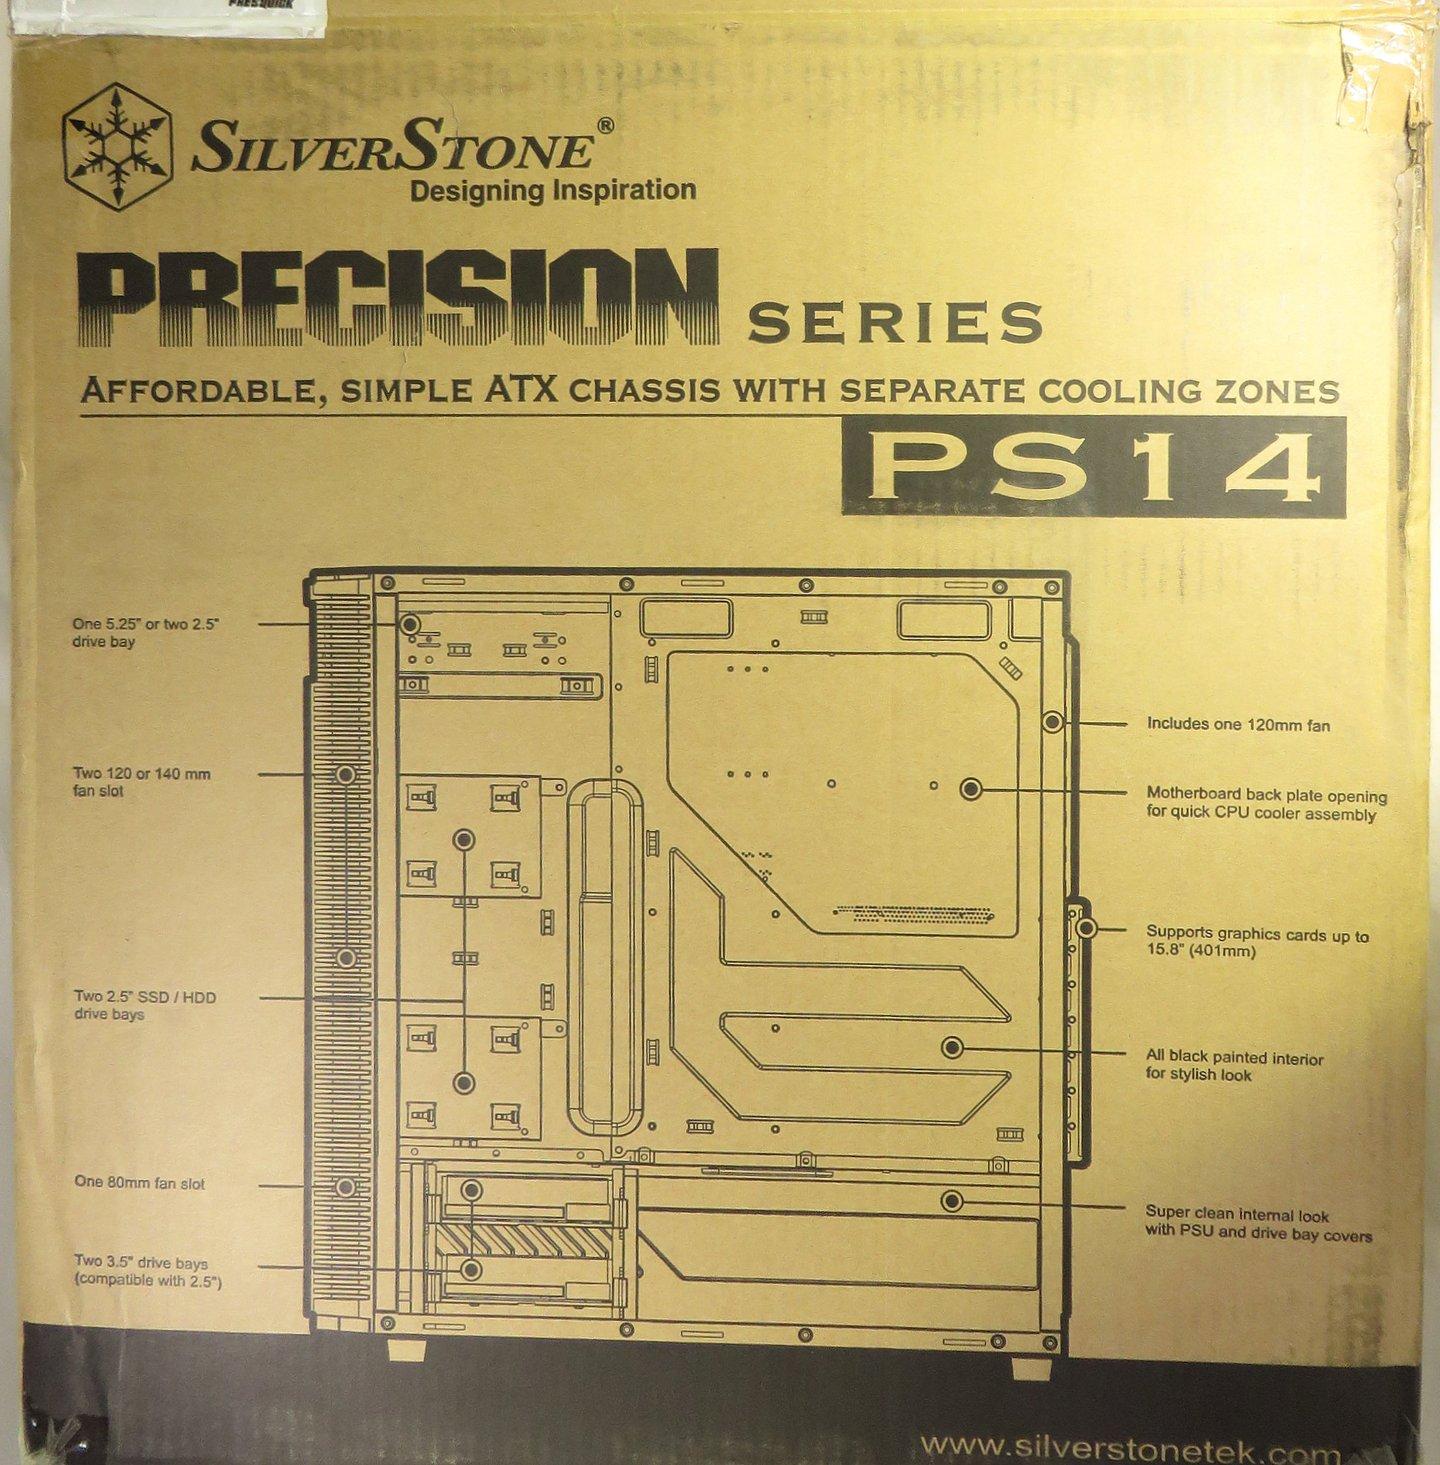 Silverstone SST-PS14B: moderna do kanceláře